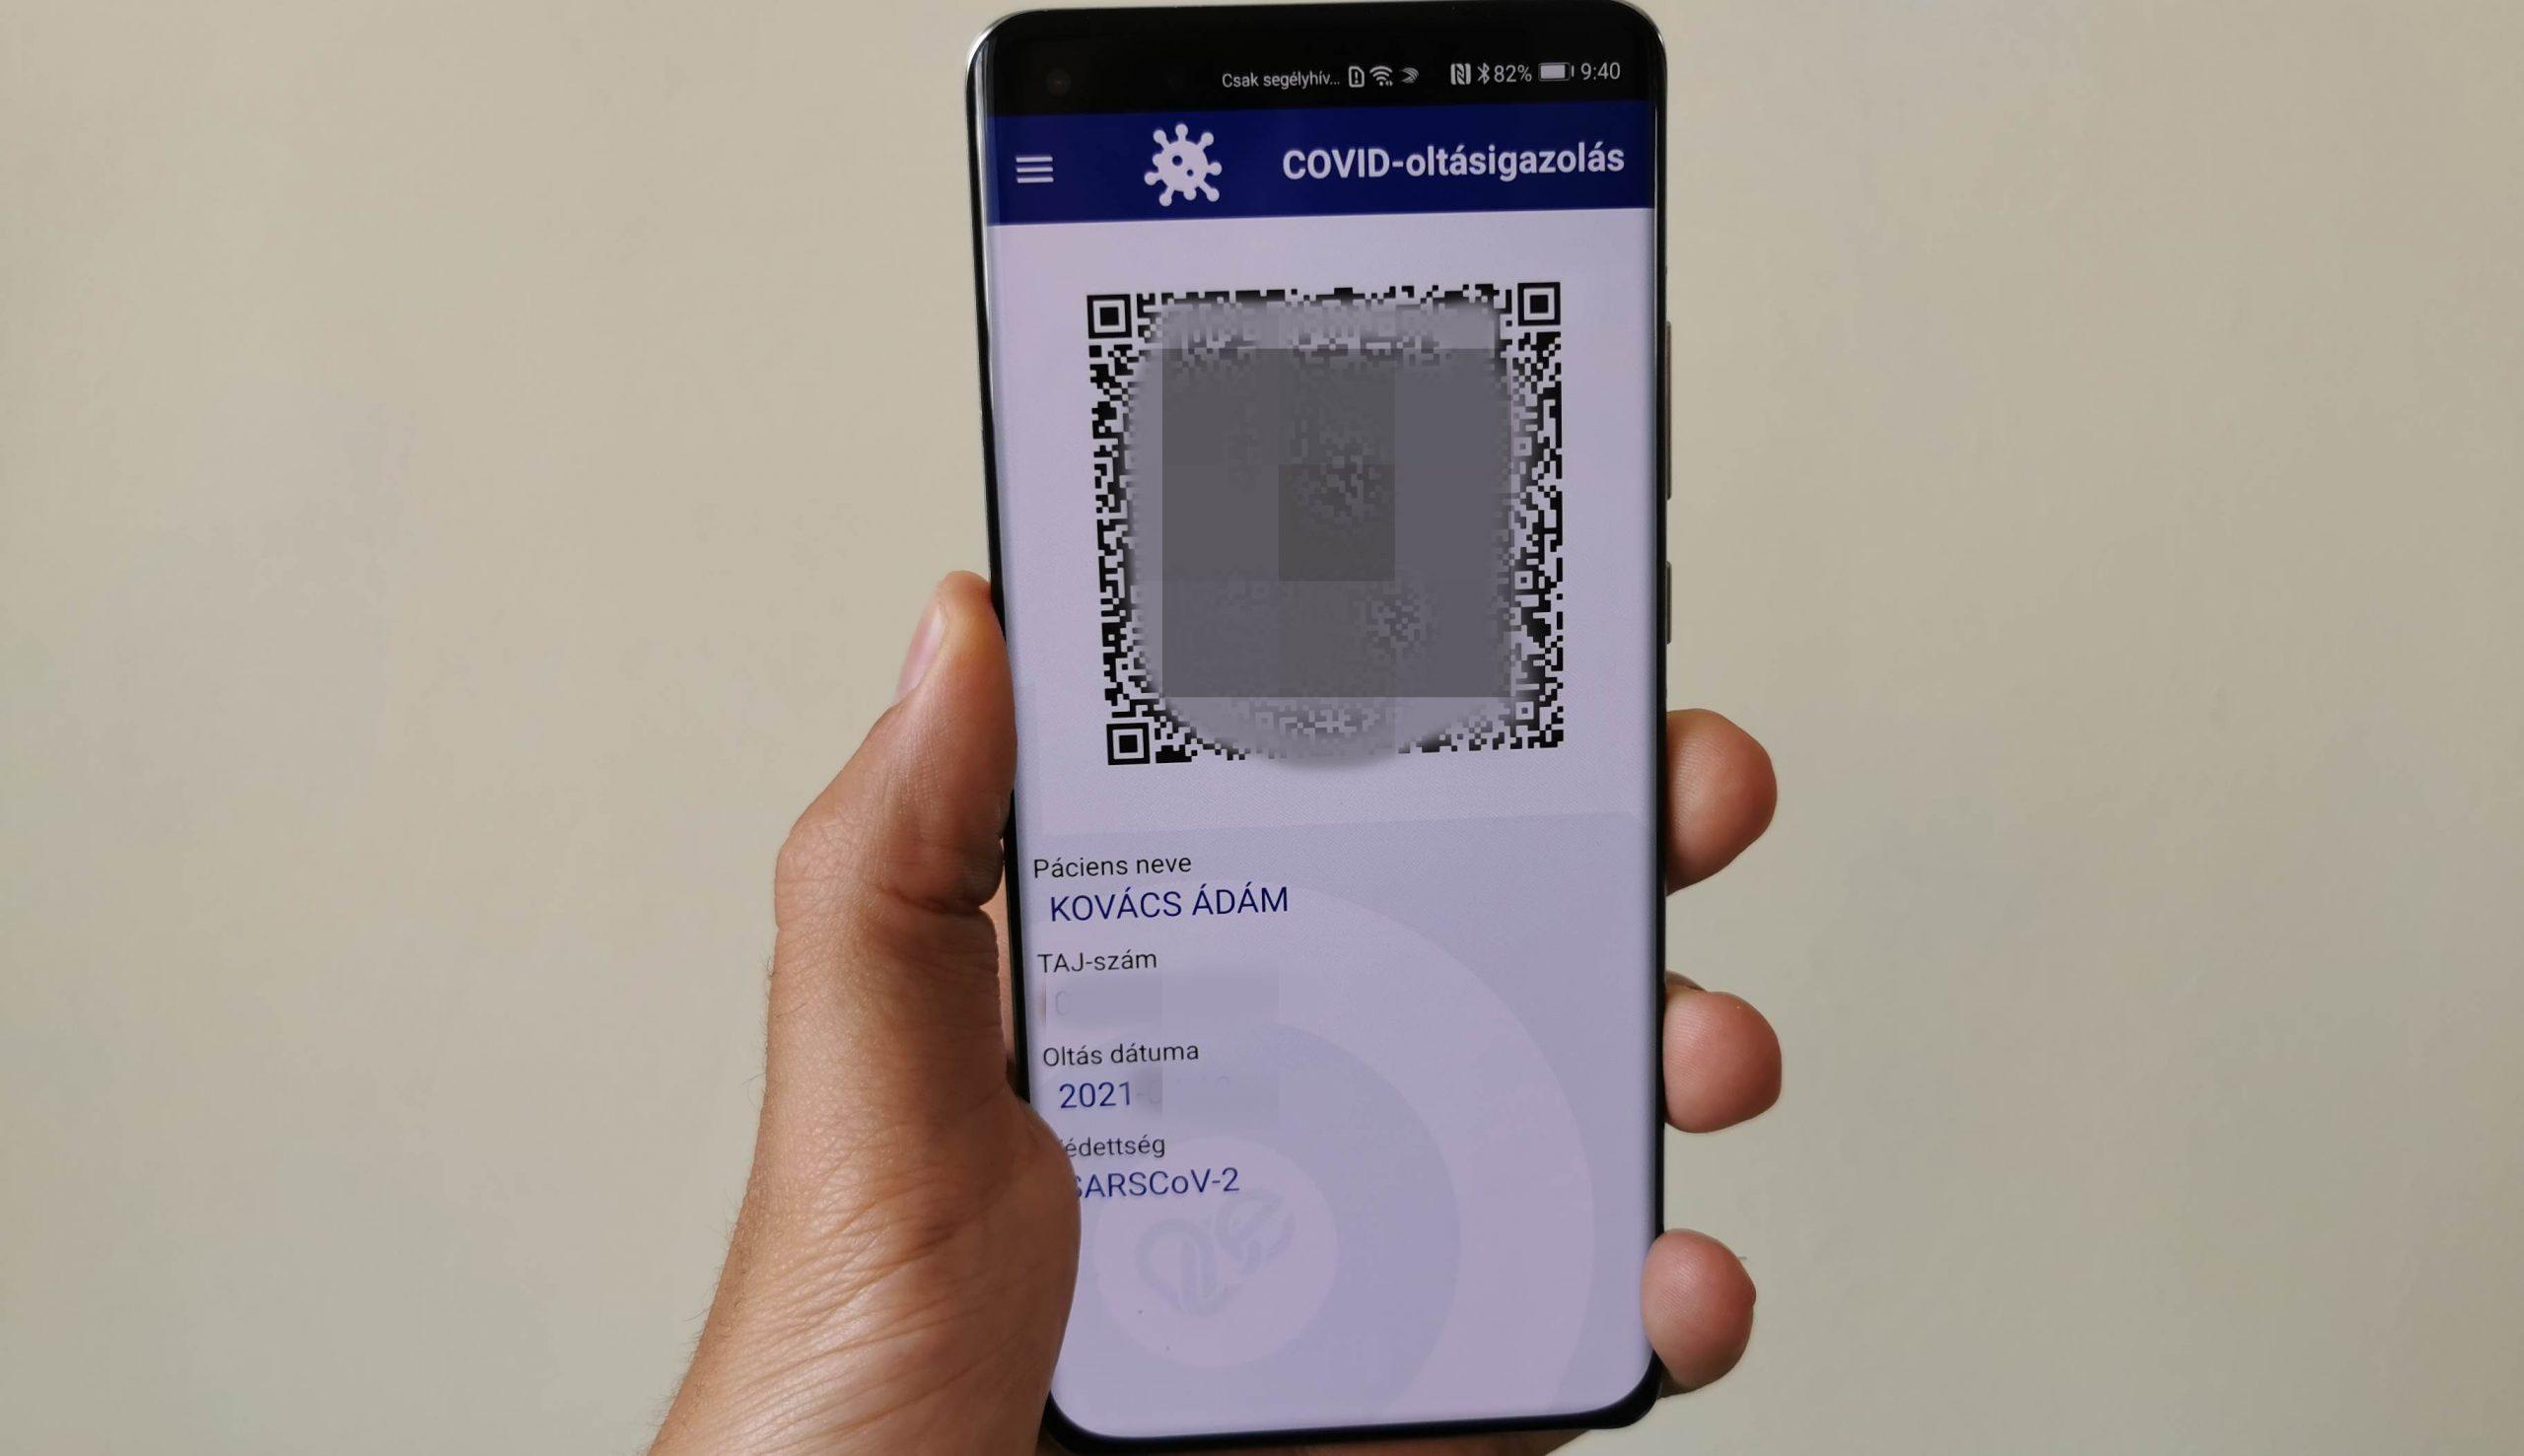 Így használhatod Huawei telefonodon a digitális COVID-oltásigazolást